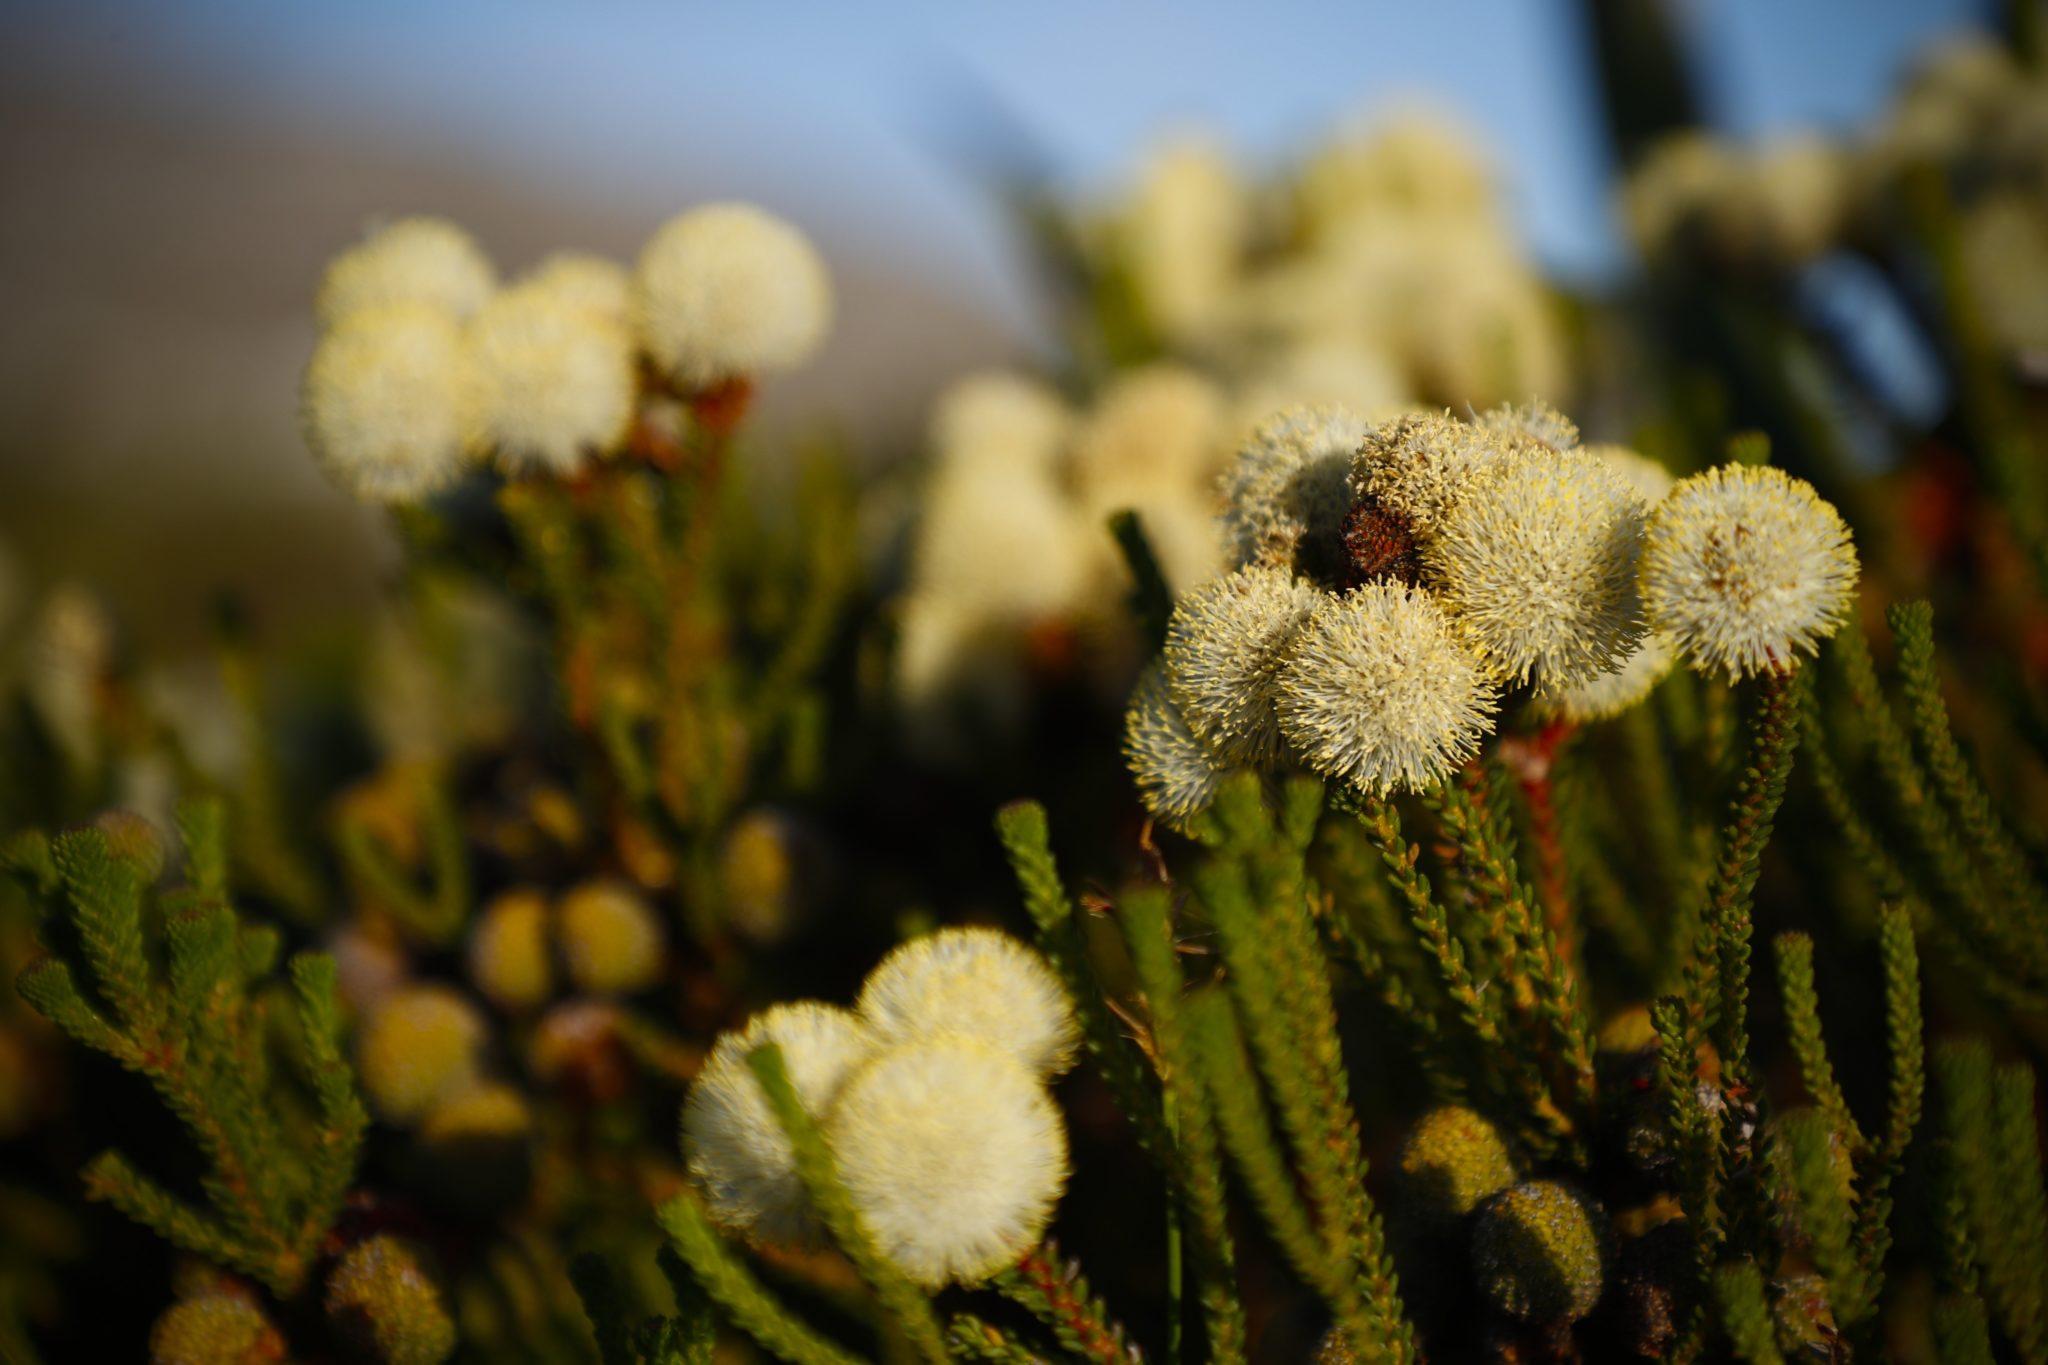 Kwiaty w Parku Narodowym w Kapsztadzie, RPA, fot: Nic Bothma, PAP /EPA